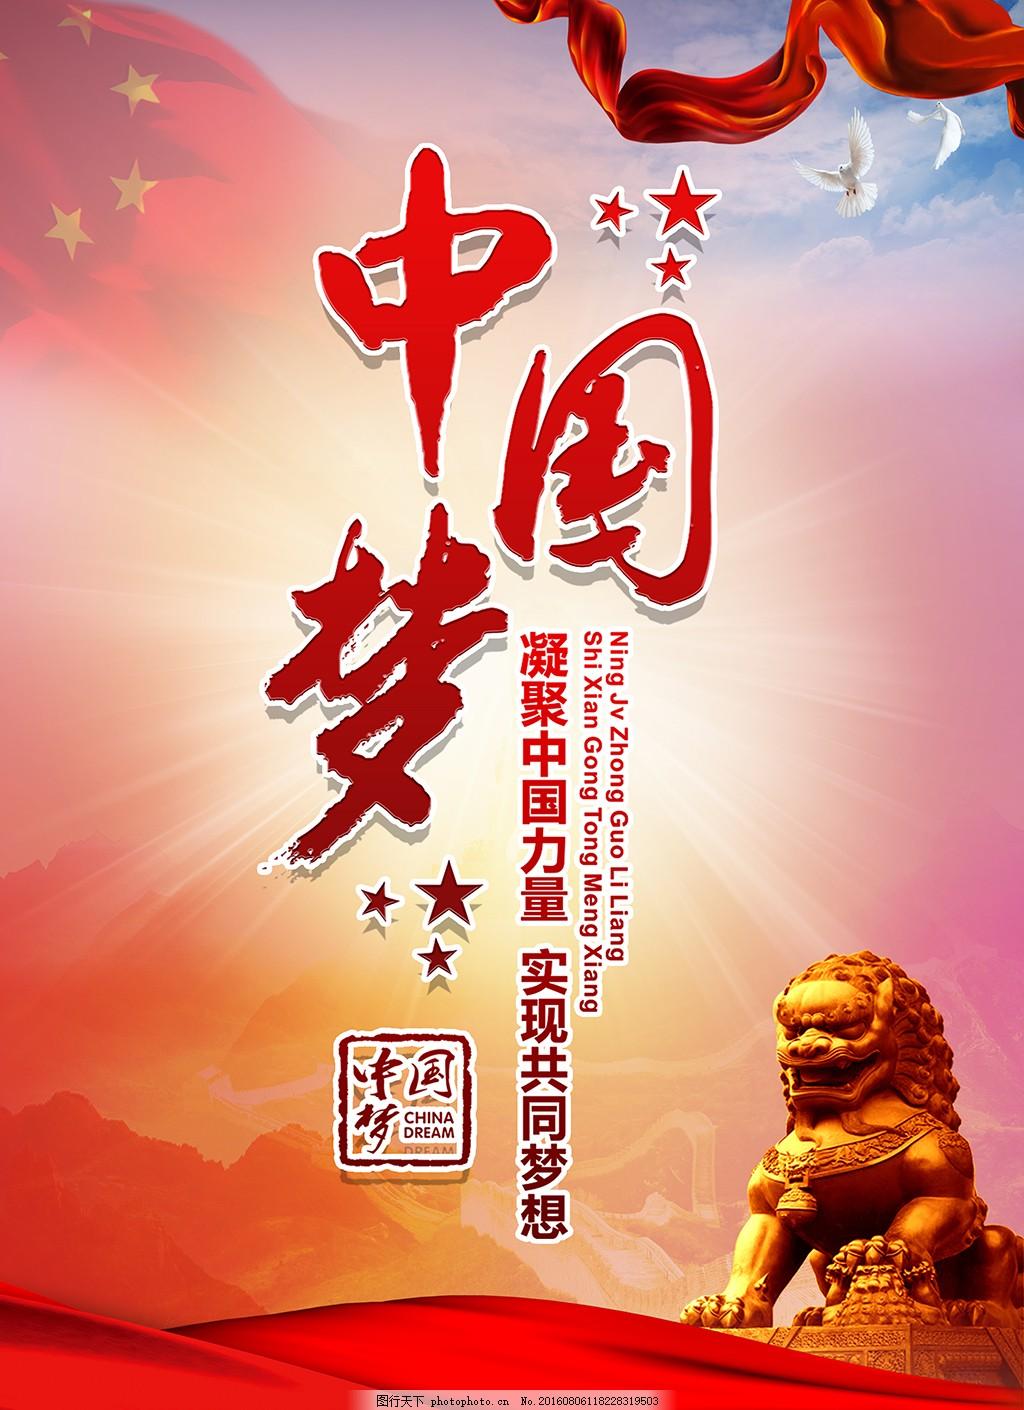 中国梦 中国梦宣传海报梦想中国 水彩背景 中国梦海报 中国梦展板